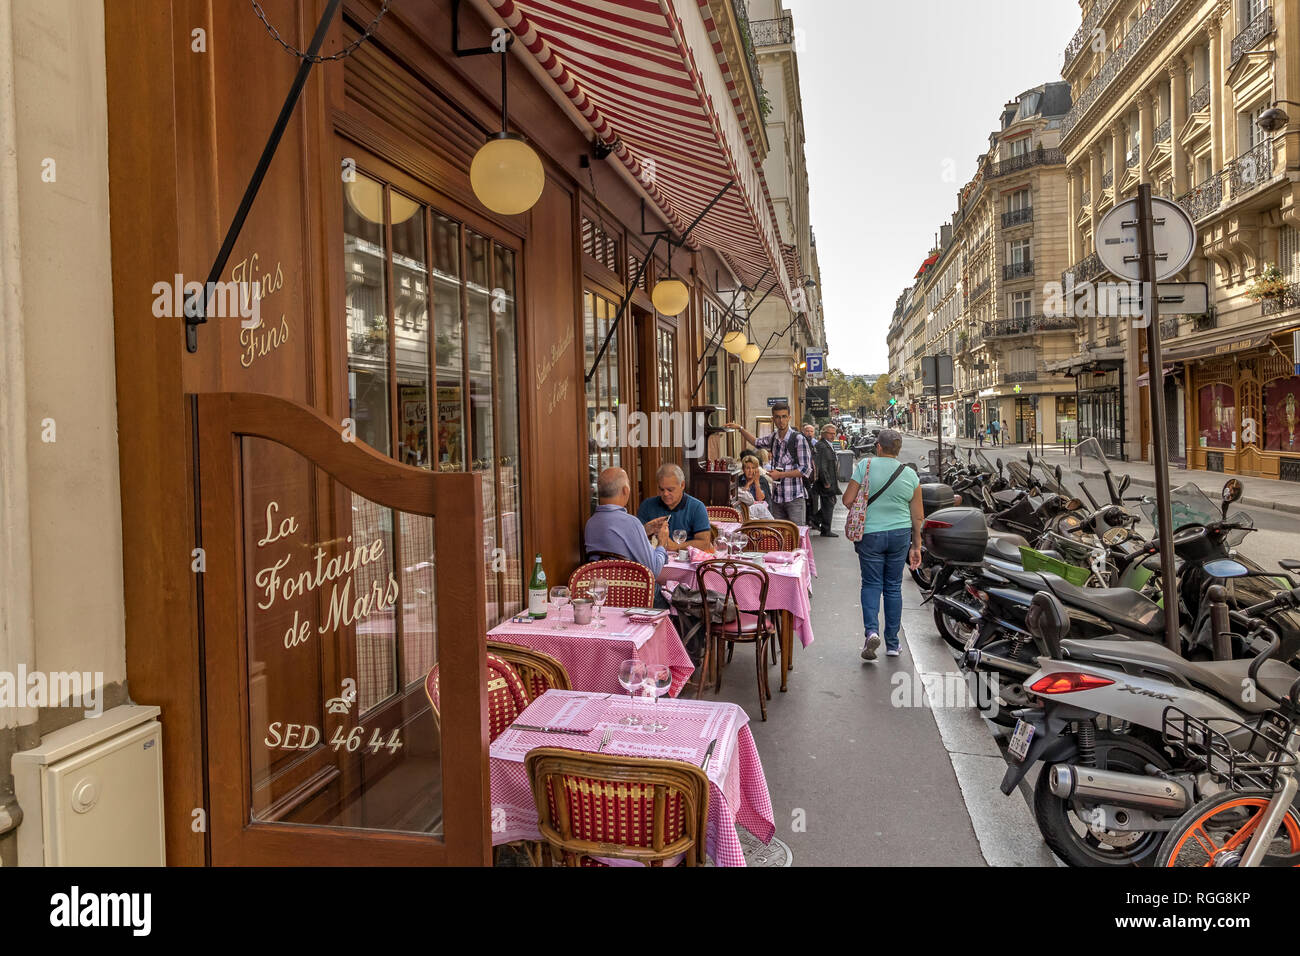 Gente sentada en una mesa comiendo en La Fontaine de Mars, un restaurante francés en Rue Saint-Dominique, París, Francia Foto de stock